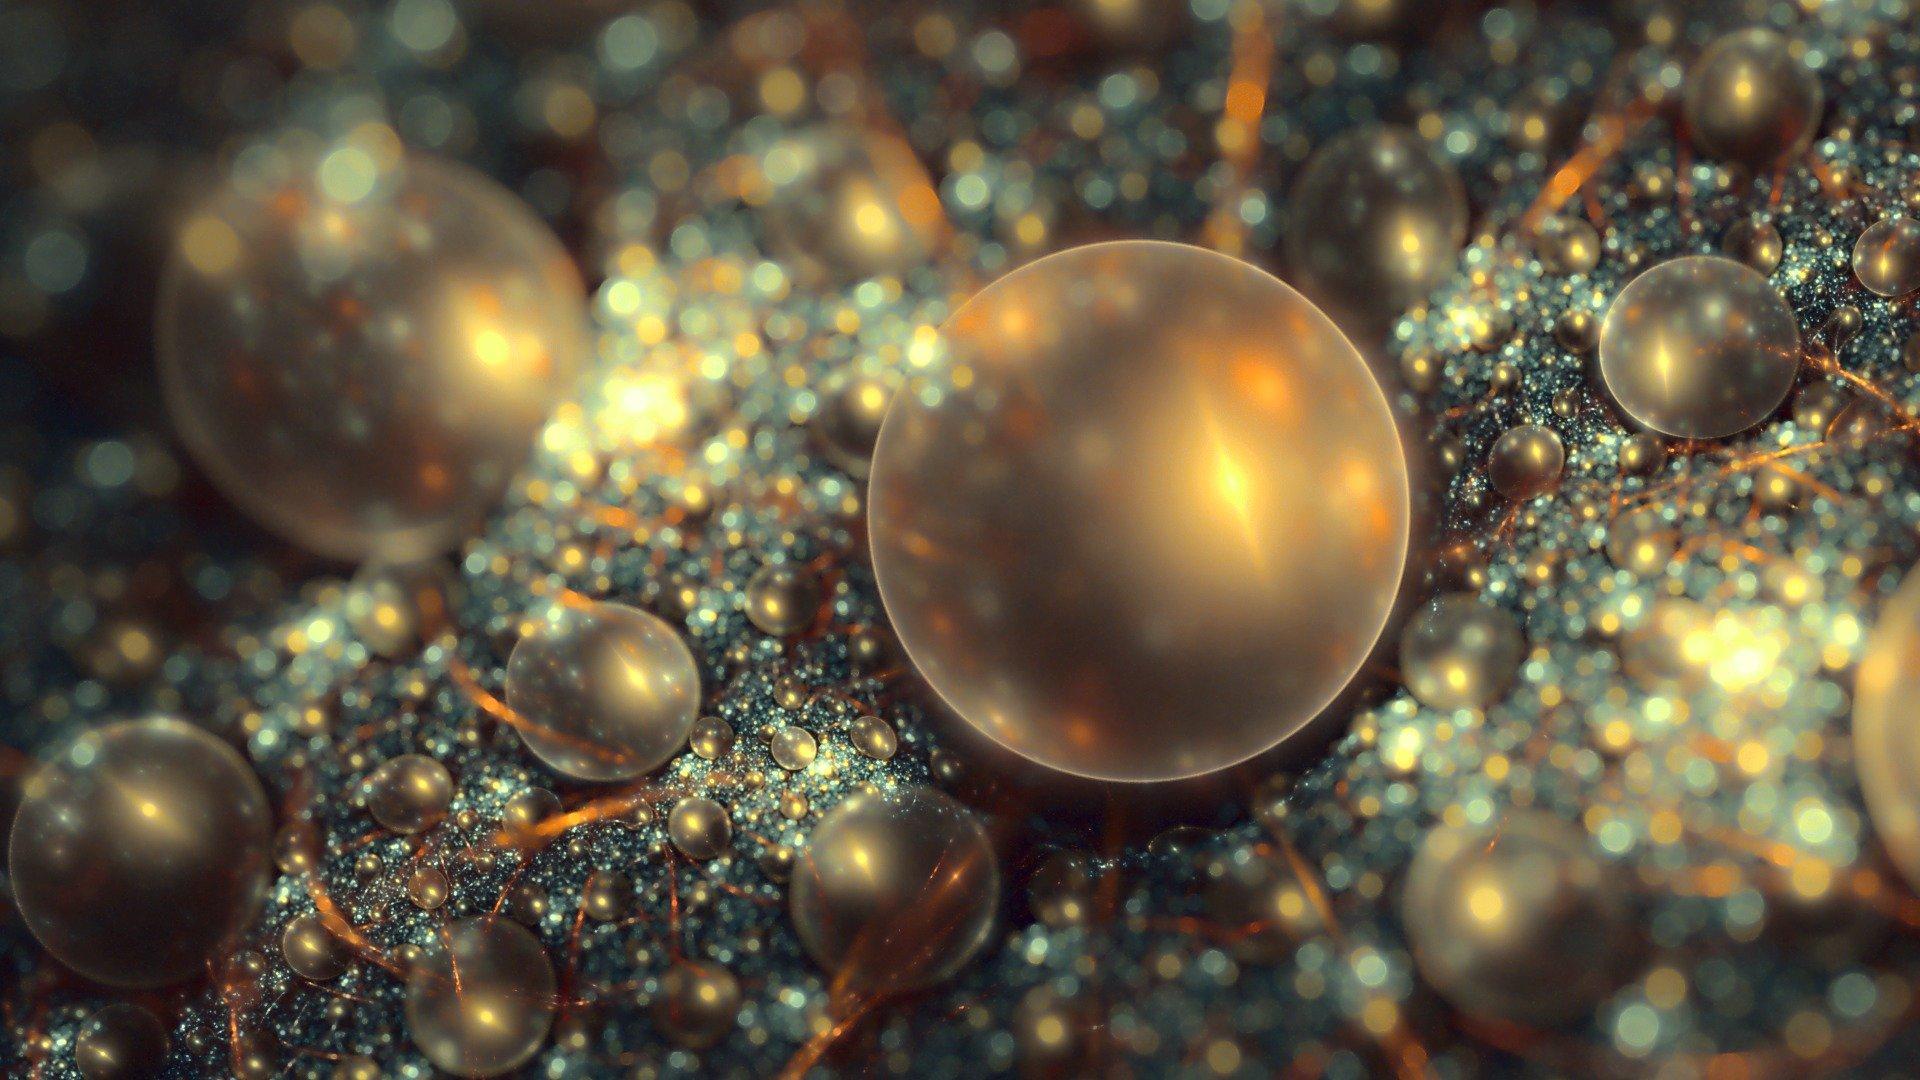 Стеклянные шары, отражение, коричневый фон онлайн